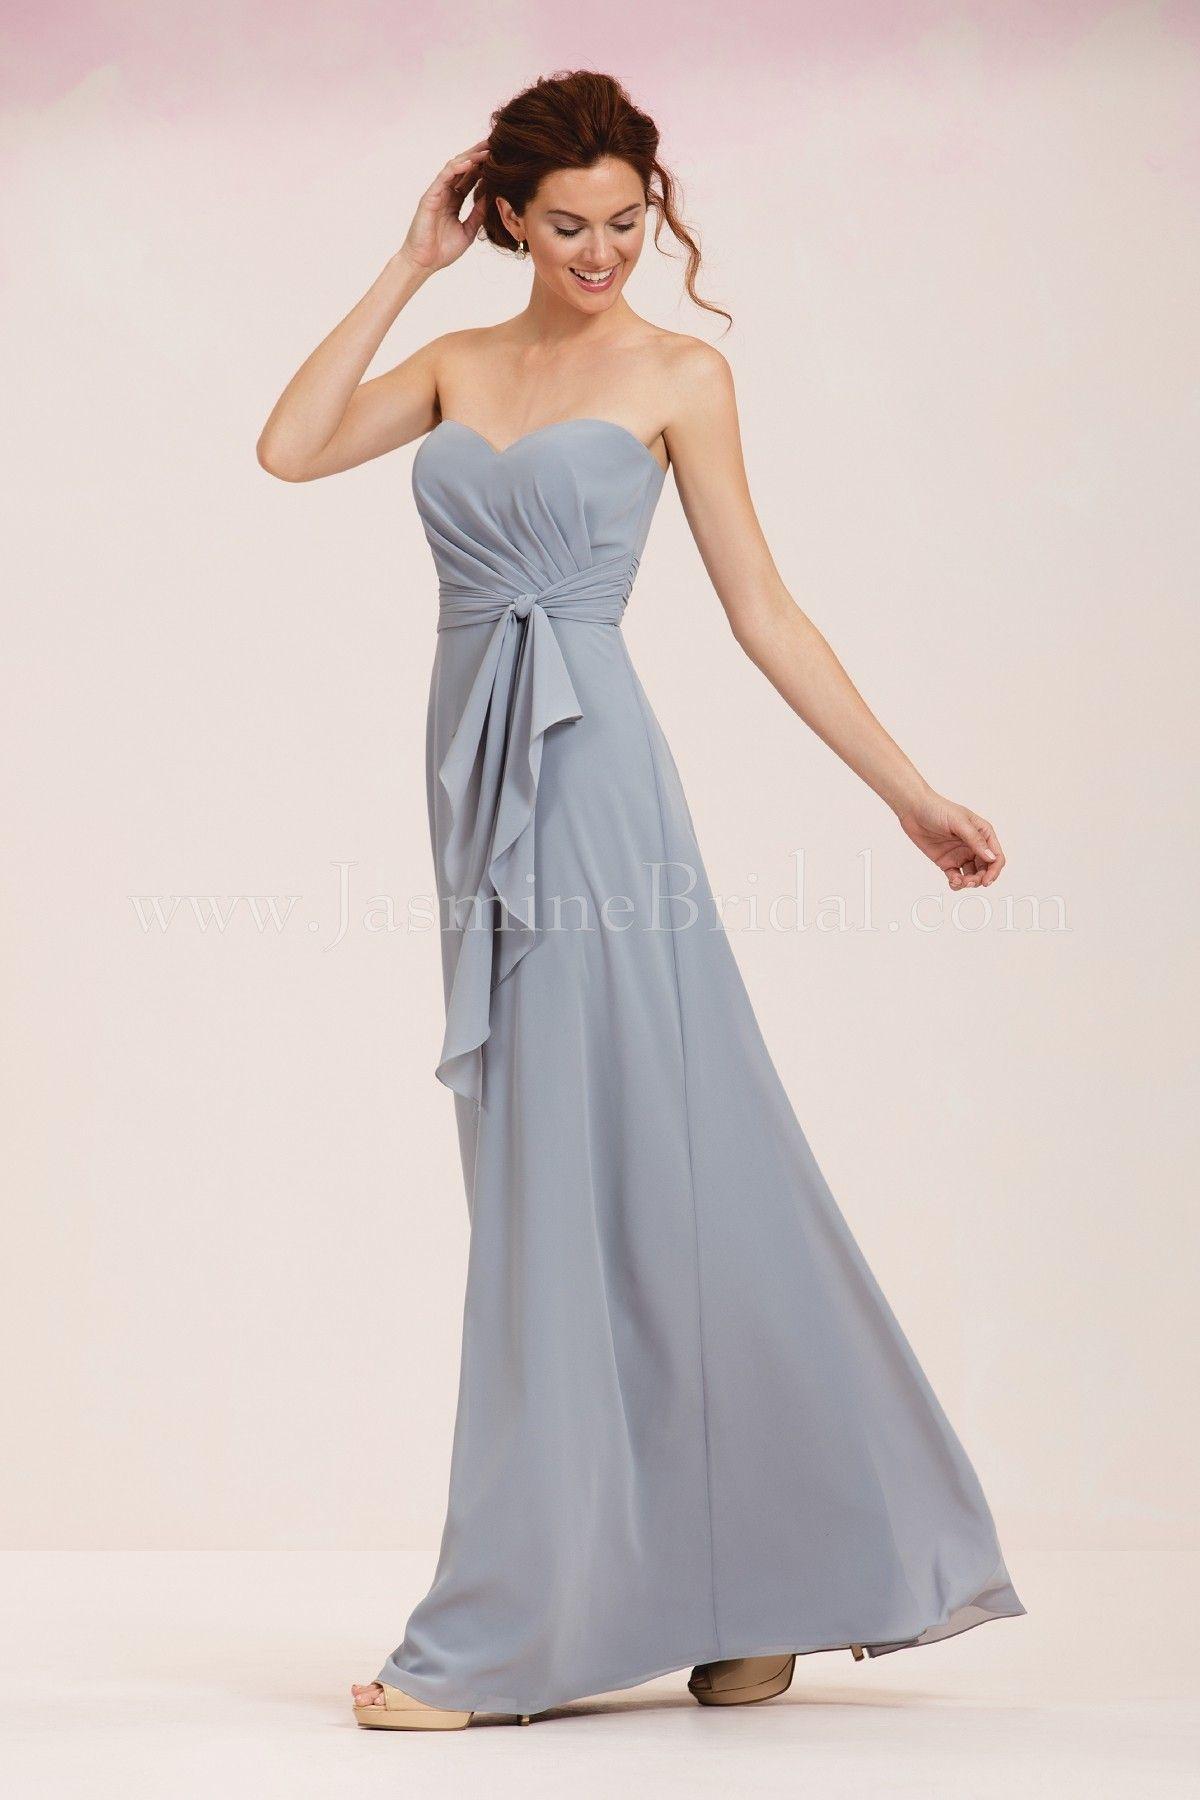 Jasmine bridal bridesmaid dress jasmine bridesmaids style p186054 jasmine bridal bridesmaid dress jasmine bridesmaids style p186054 in nickel ombrellifo Images